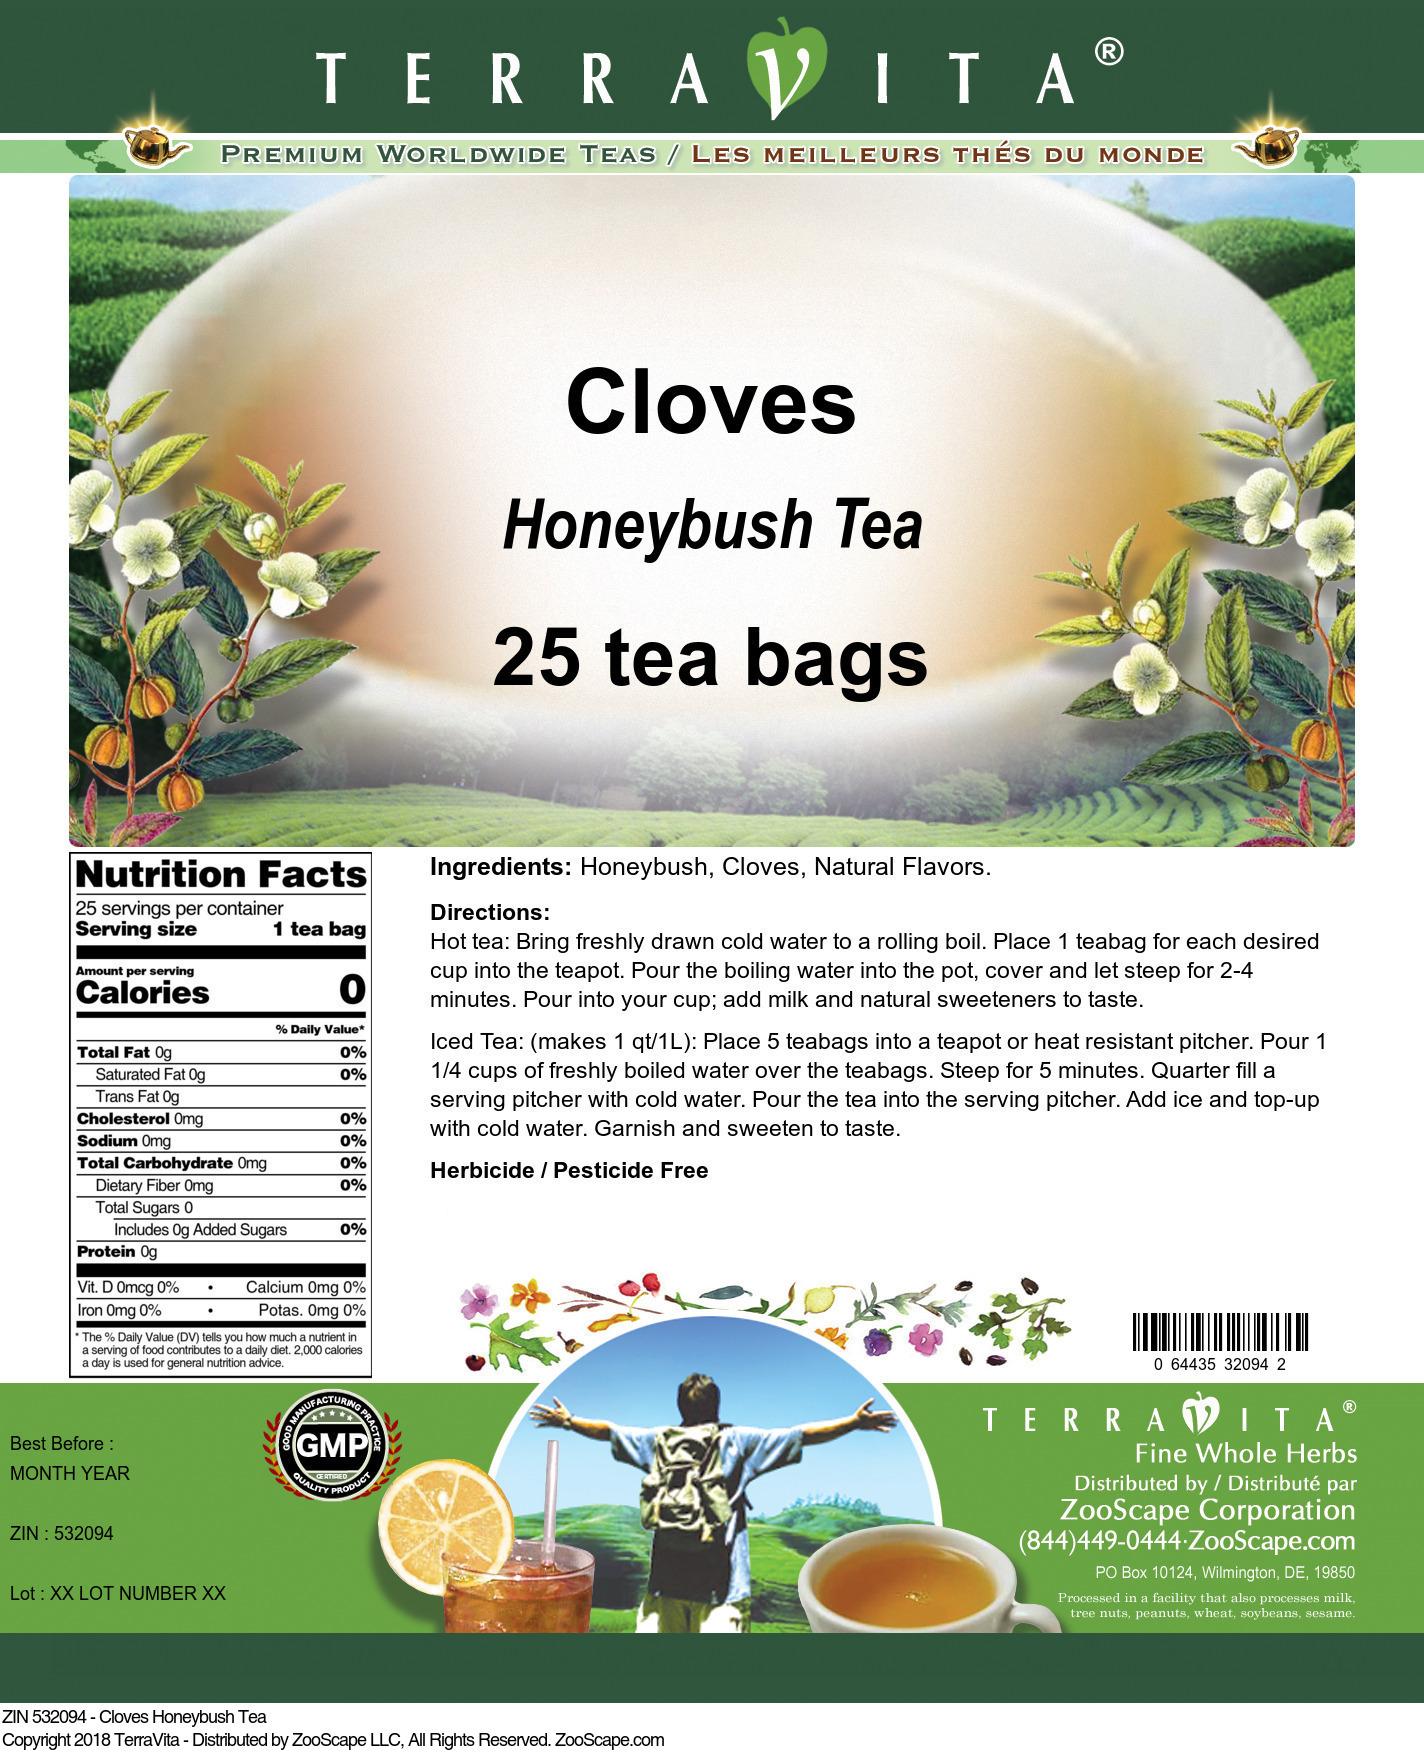 Cloves Honeybush Tea